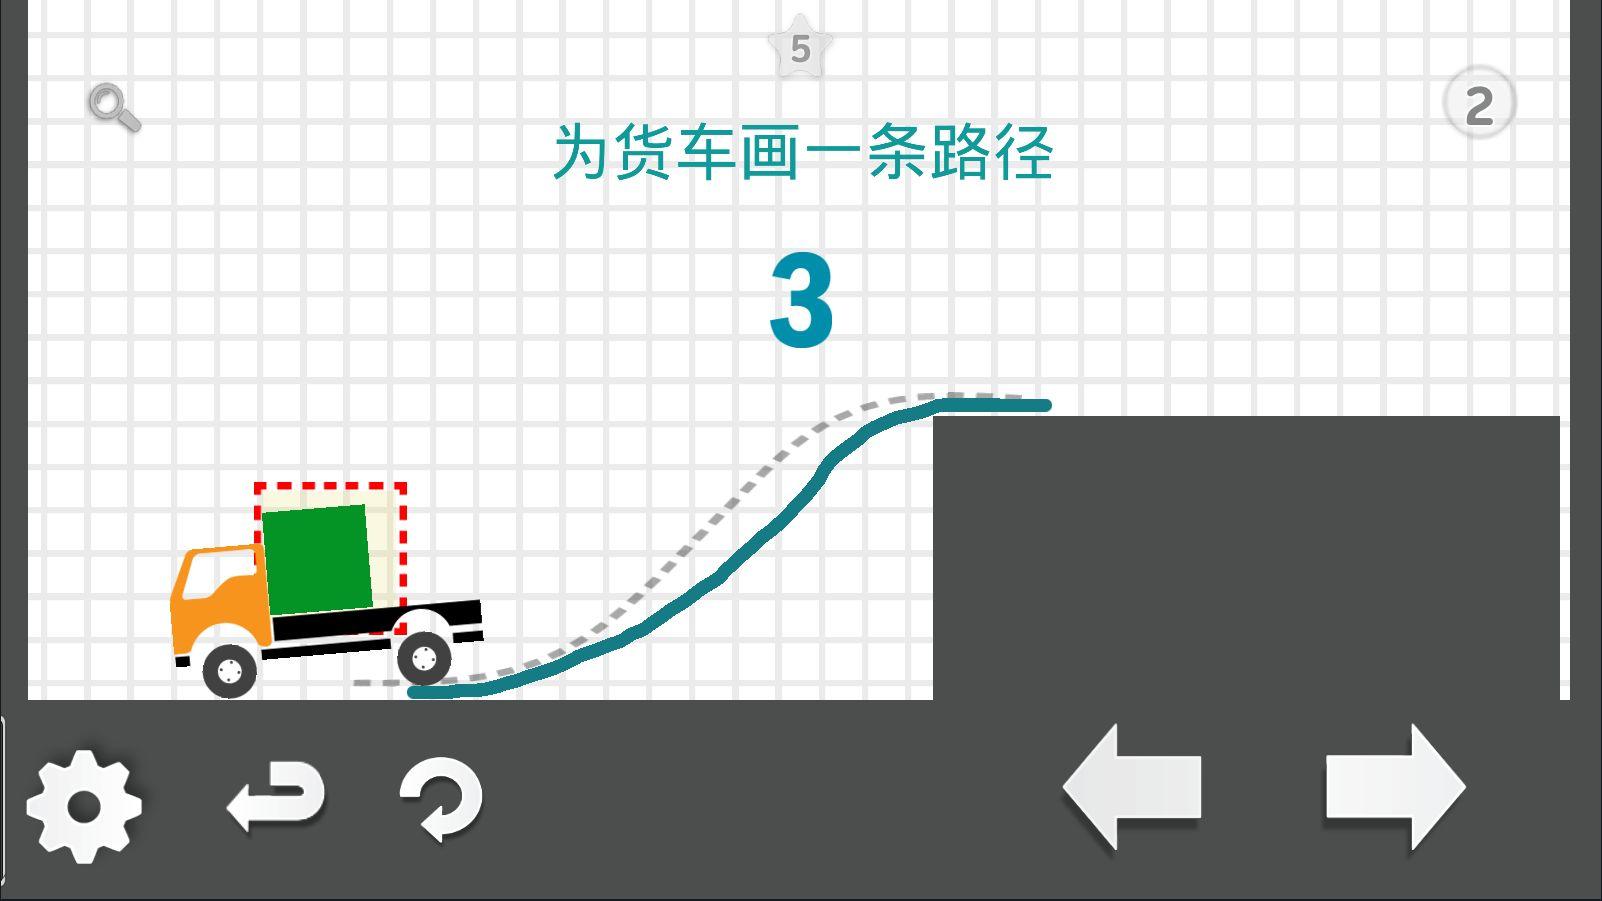 卡车解密怎么玩?用想象力搭建出独一无二的通关道路!